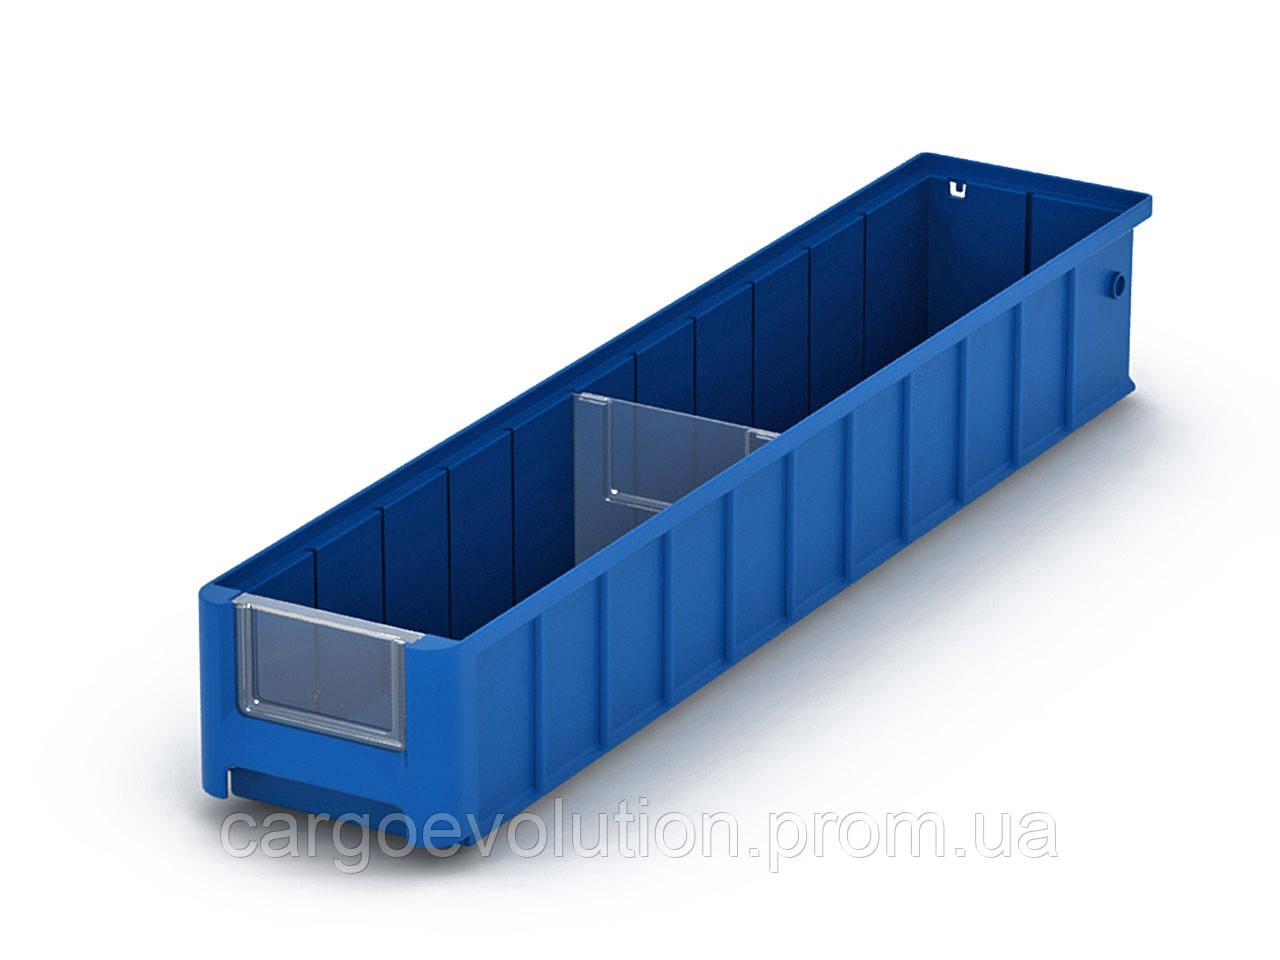 Полочный пластиковый контейнер SK 600x117x90